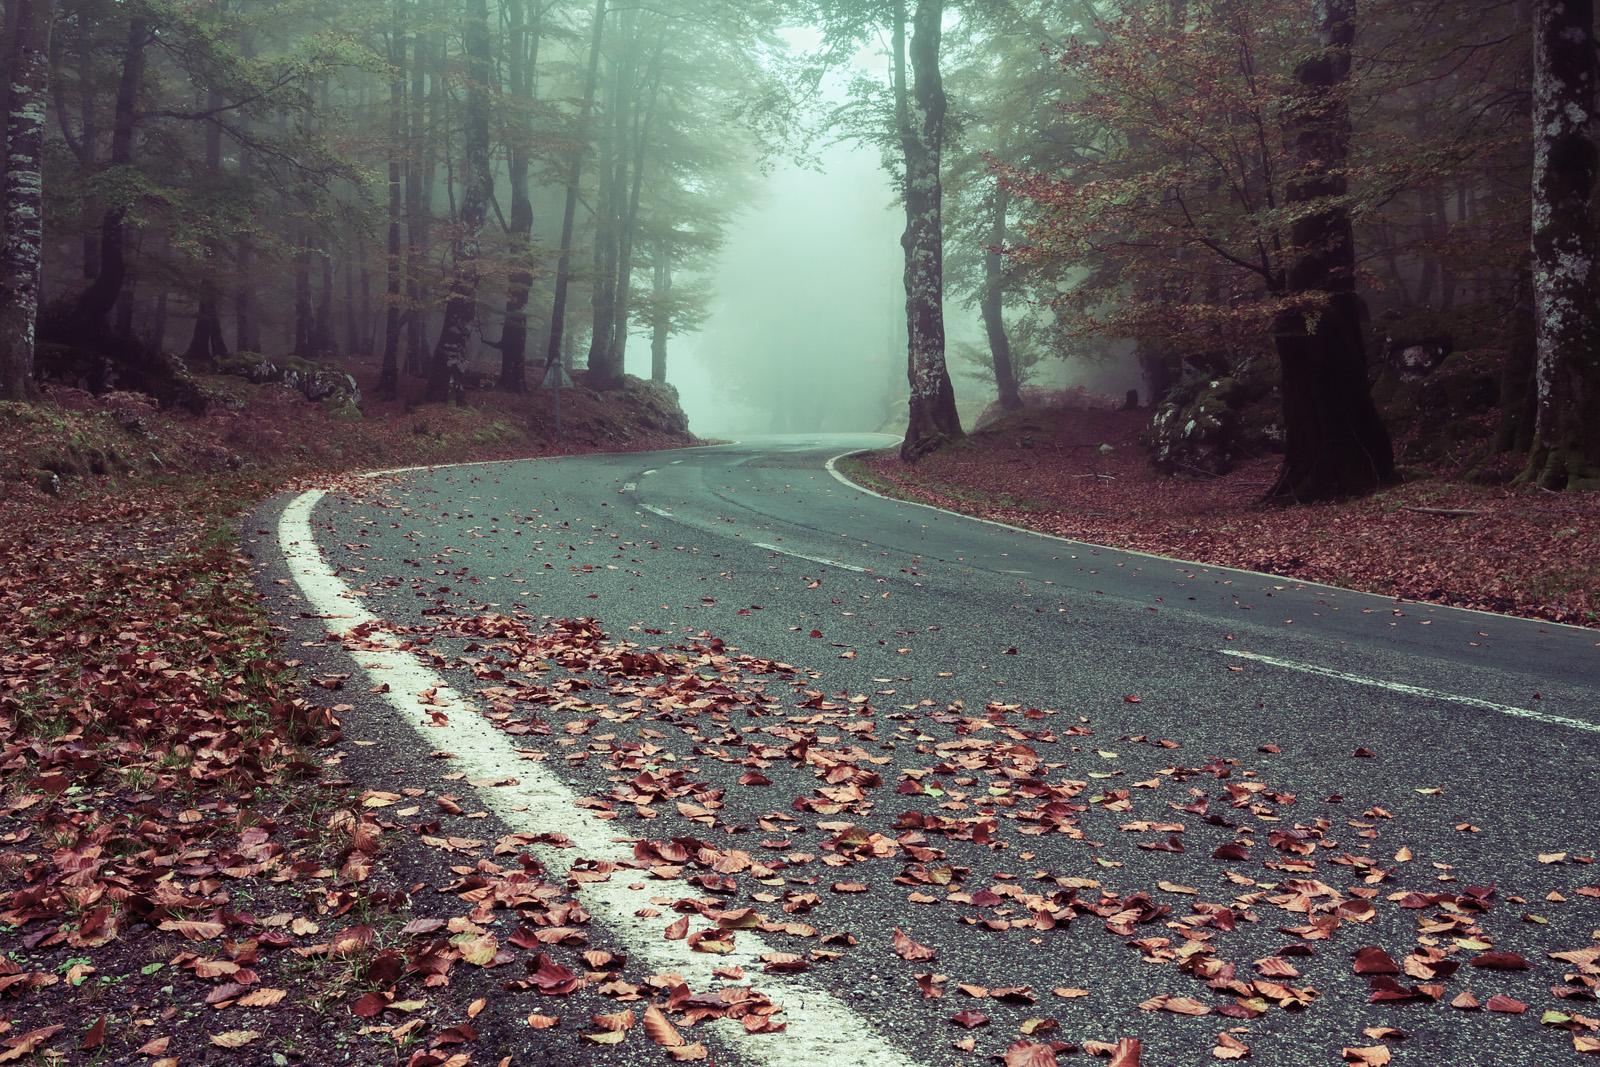 Zombie_Road_1600